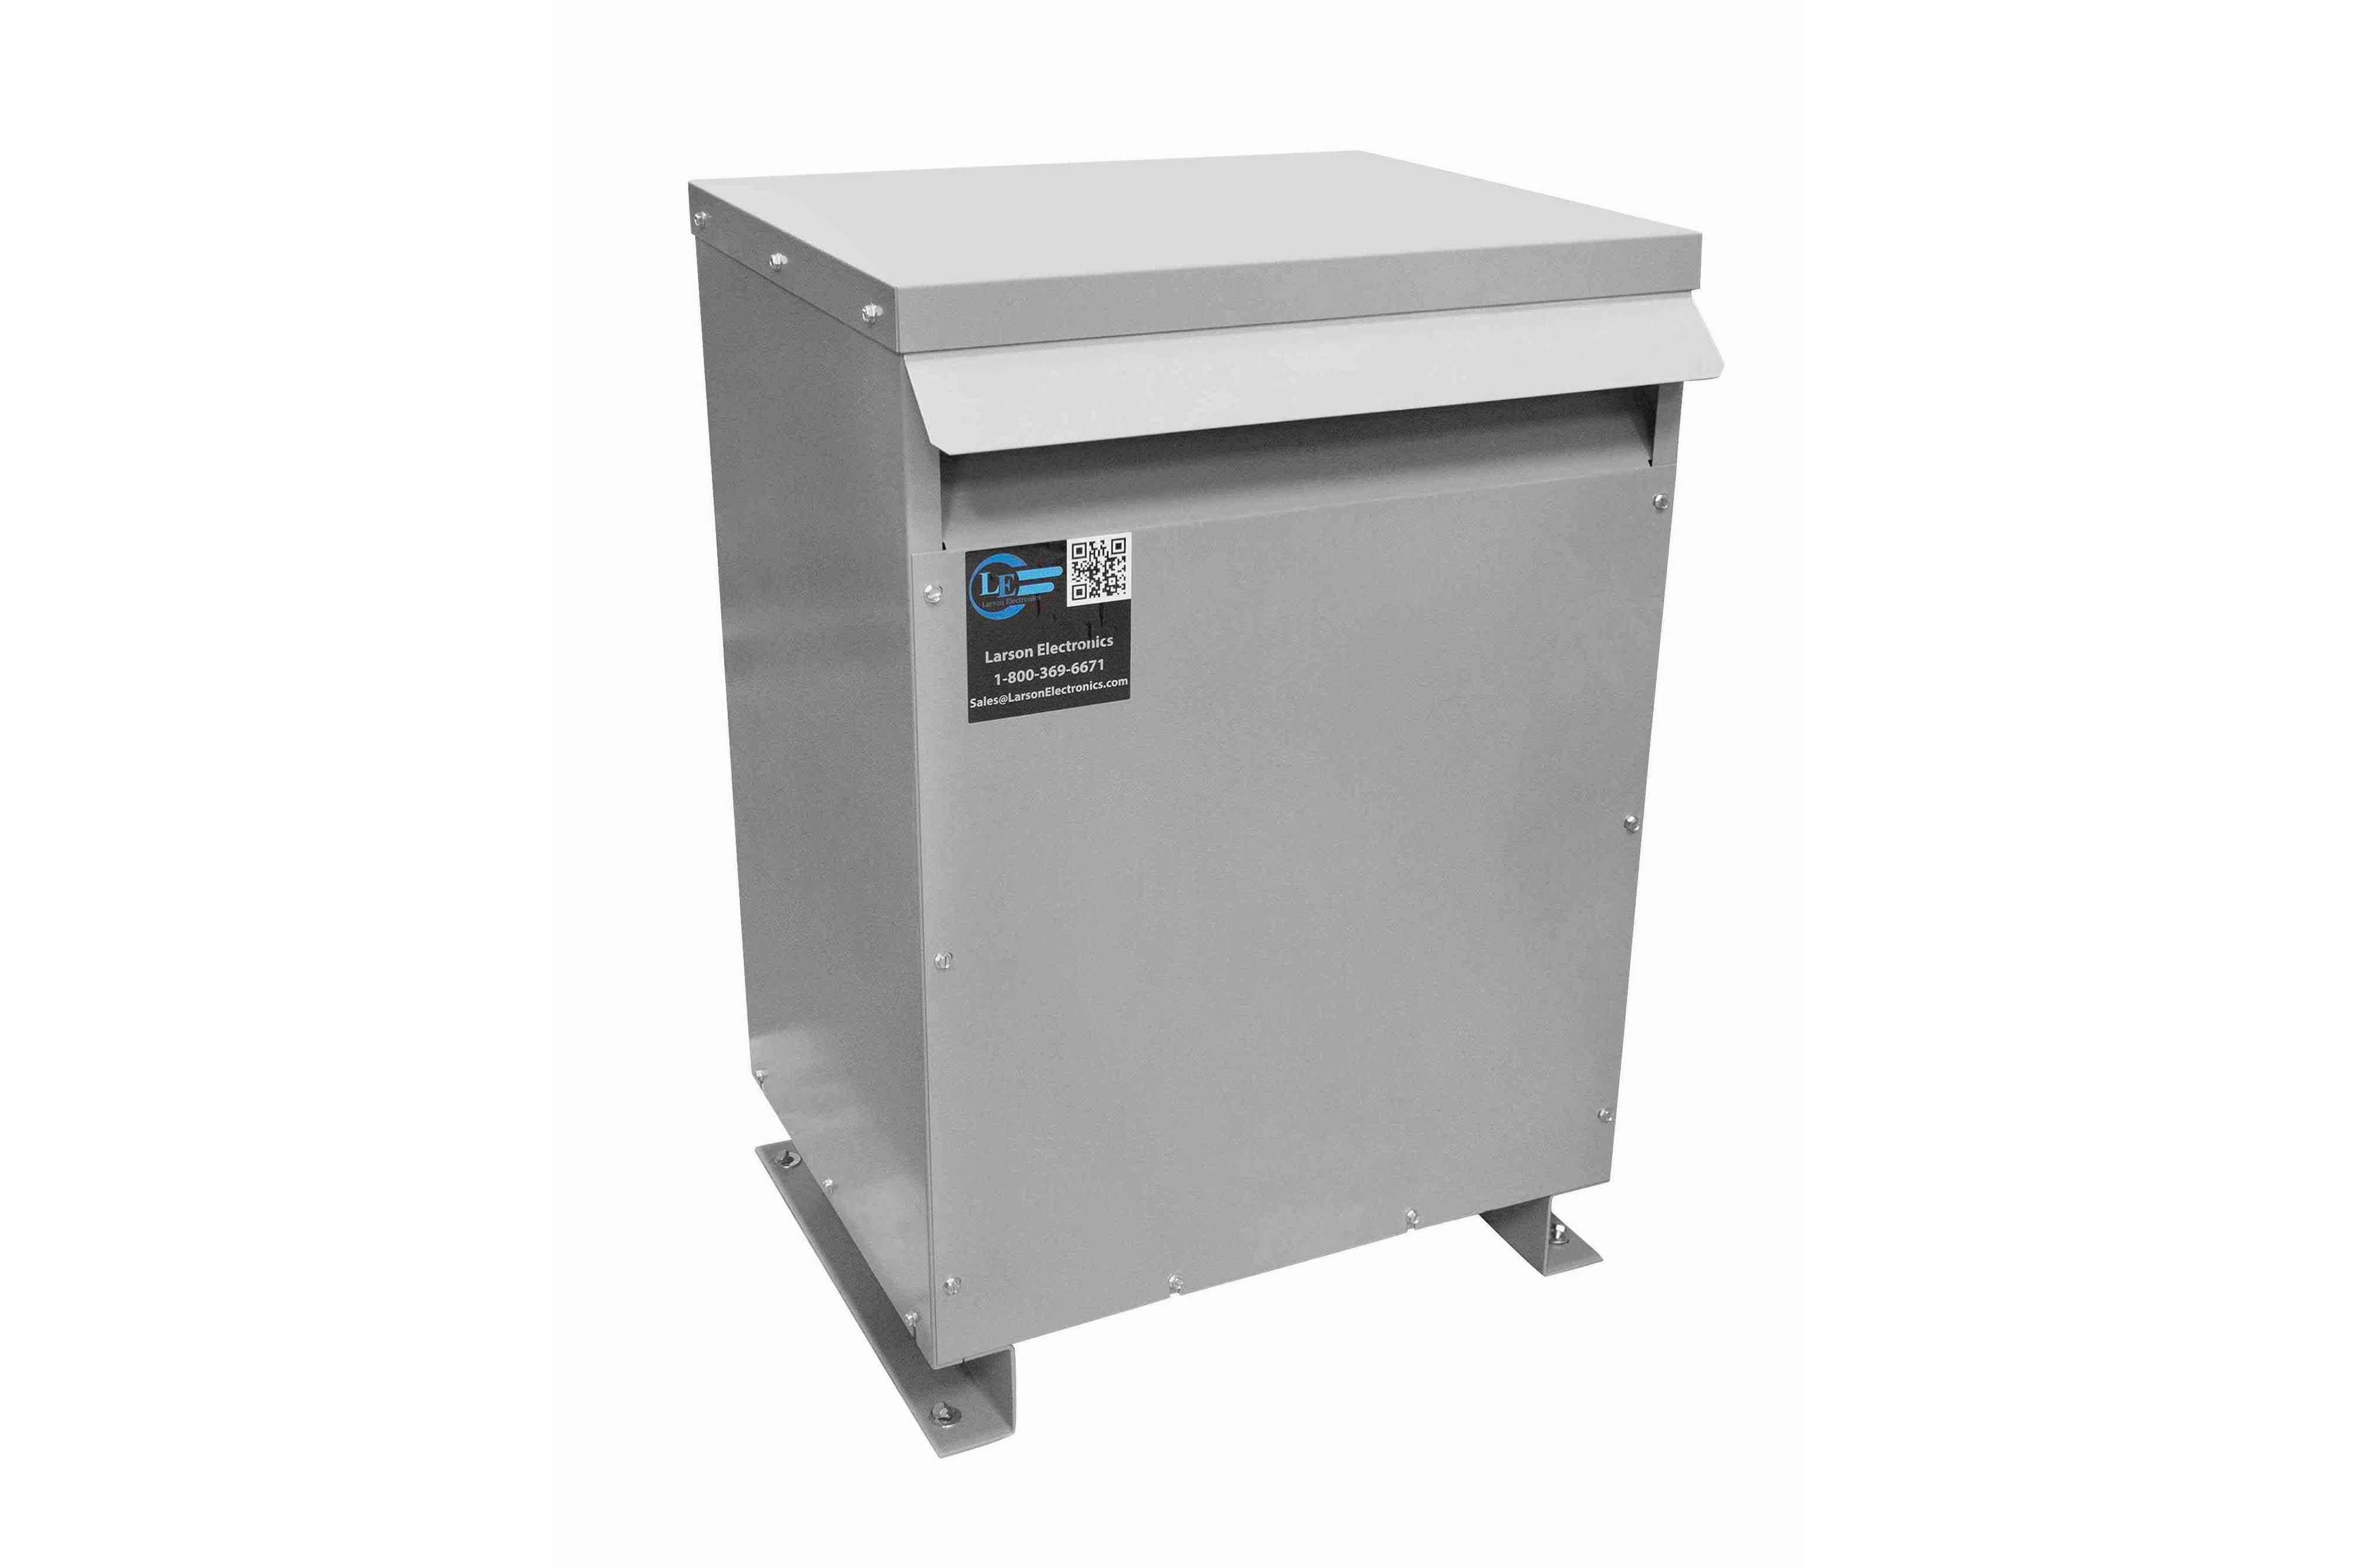 60 kVA 3PH Isolation Transformer, 230V Delta Primary, 208V Delta Secondary, N3R, Ventilated, 60 Hz